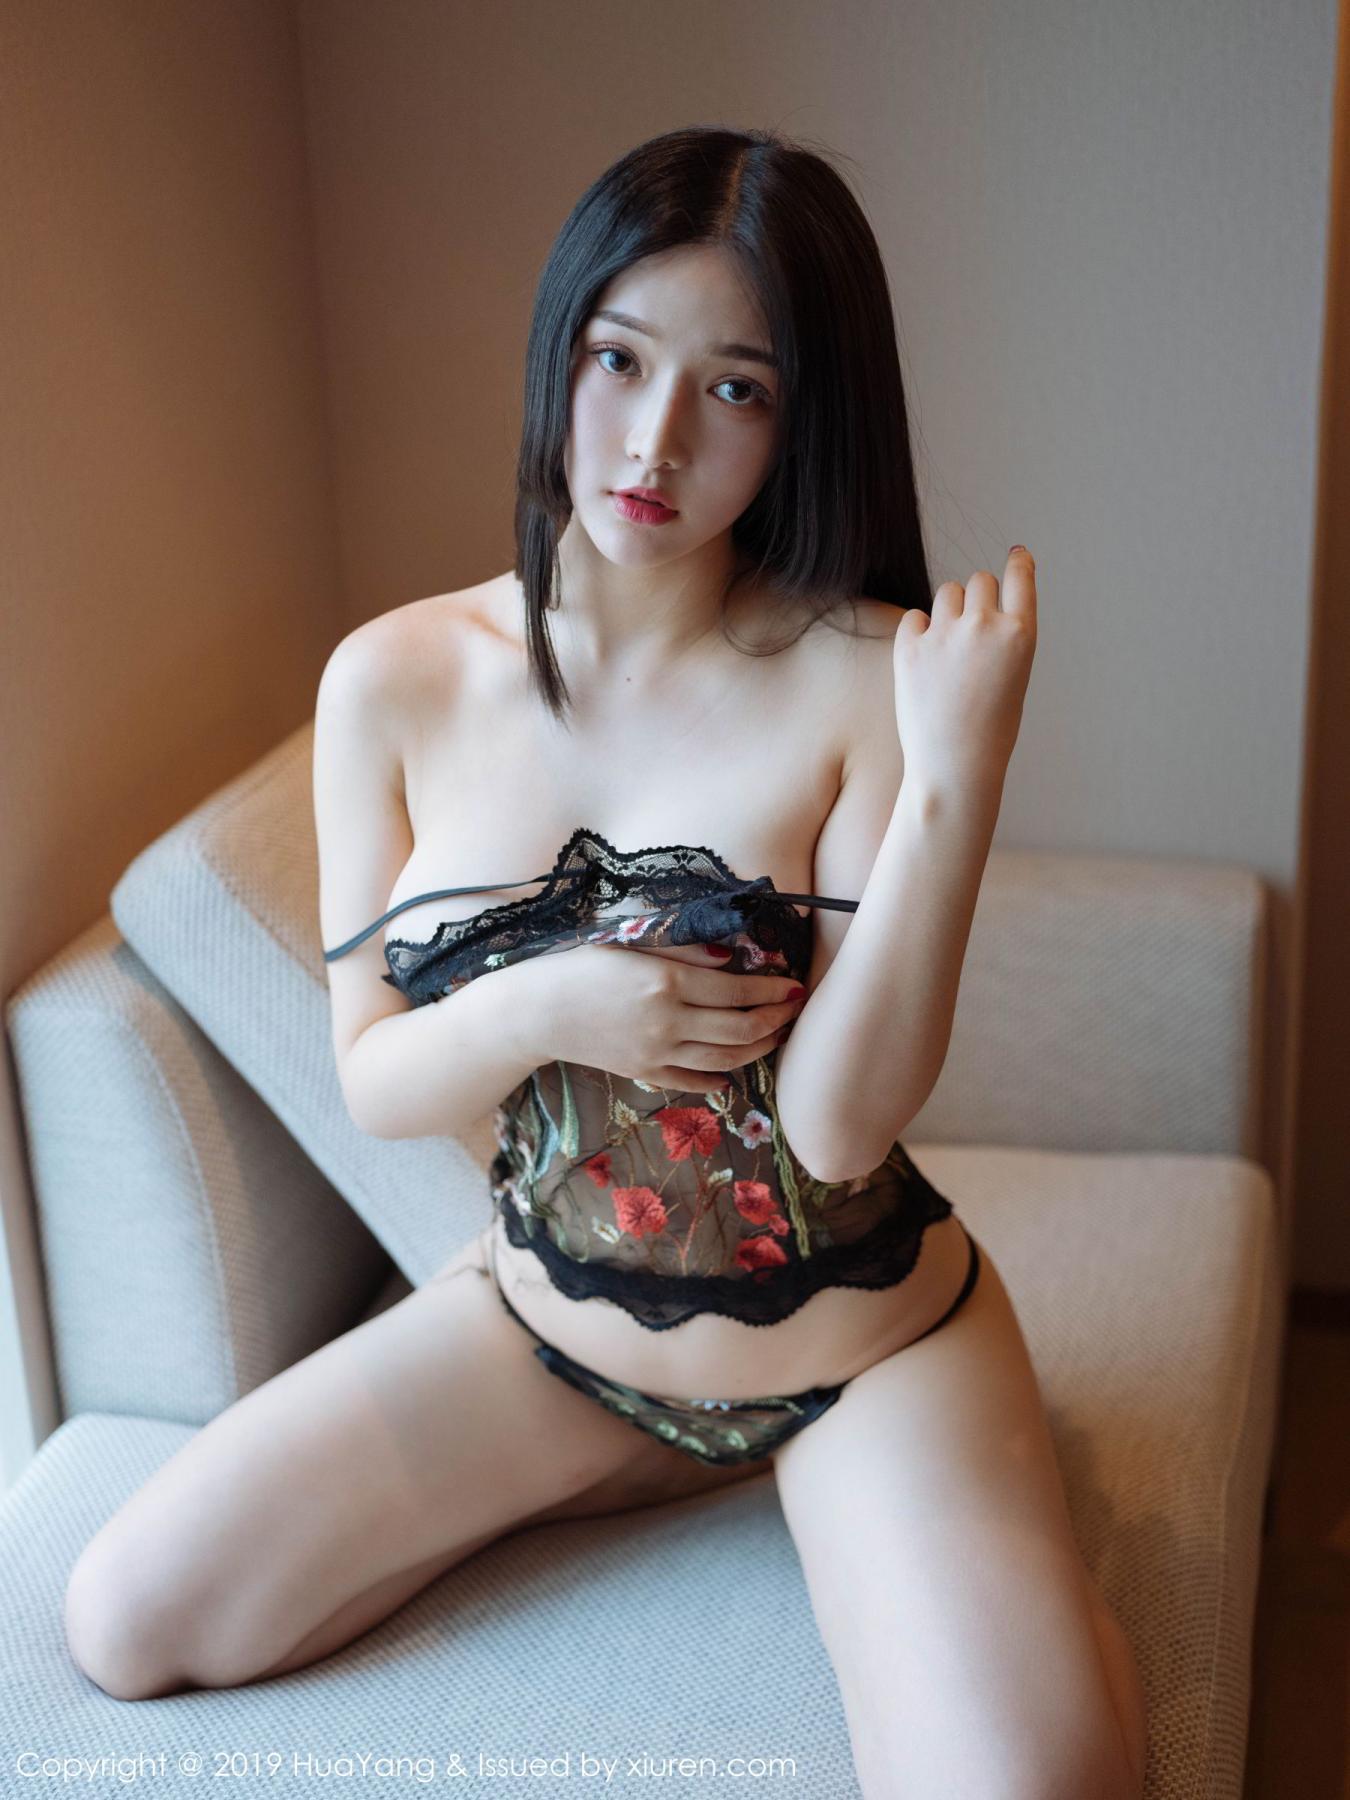 [Huayang] Vol.117 Tang Wan Er 10P, Adult, Black Silk, HuaYang, Sexy, Tang Wan Er